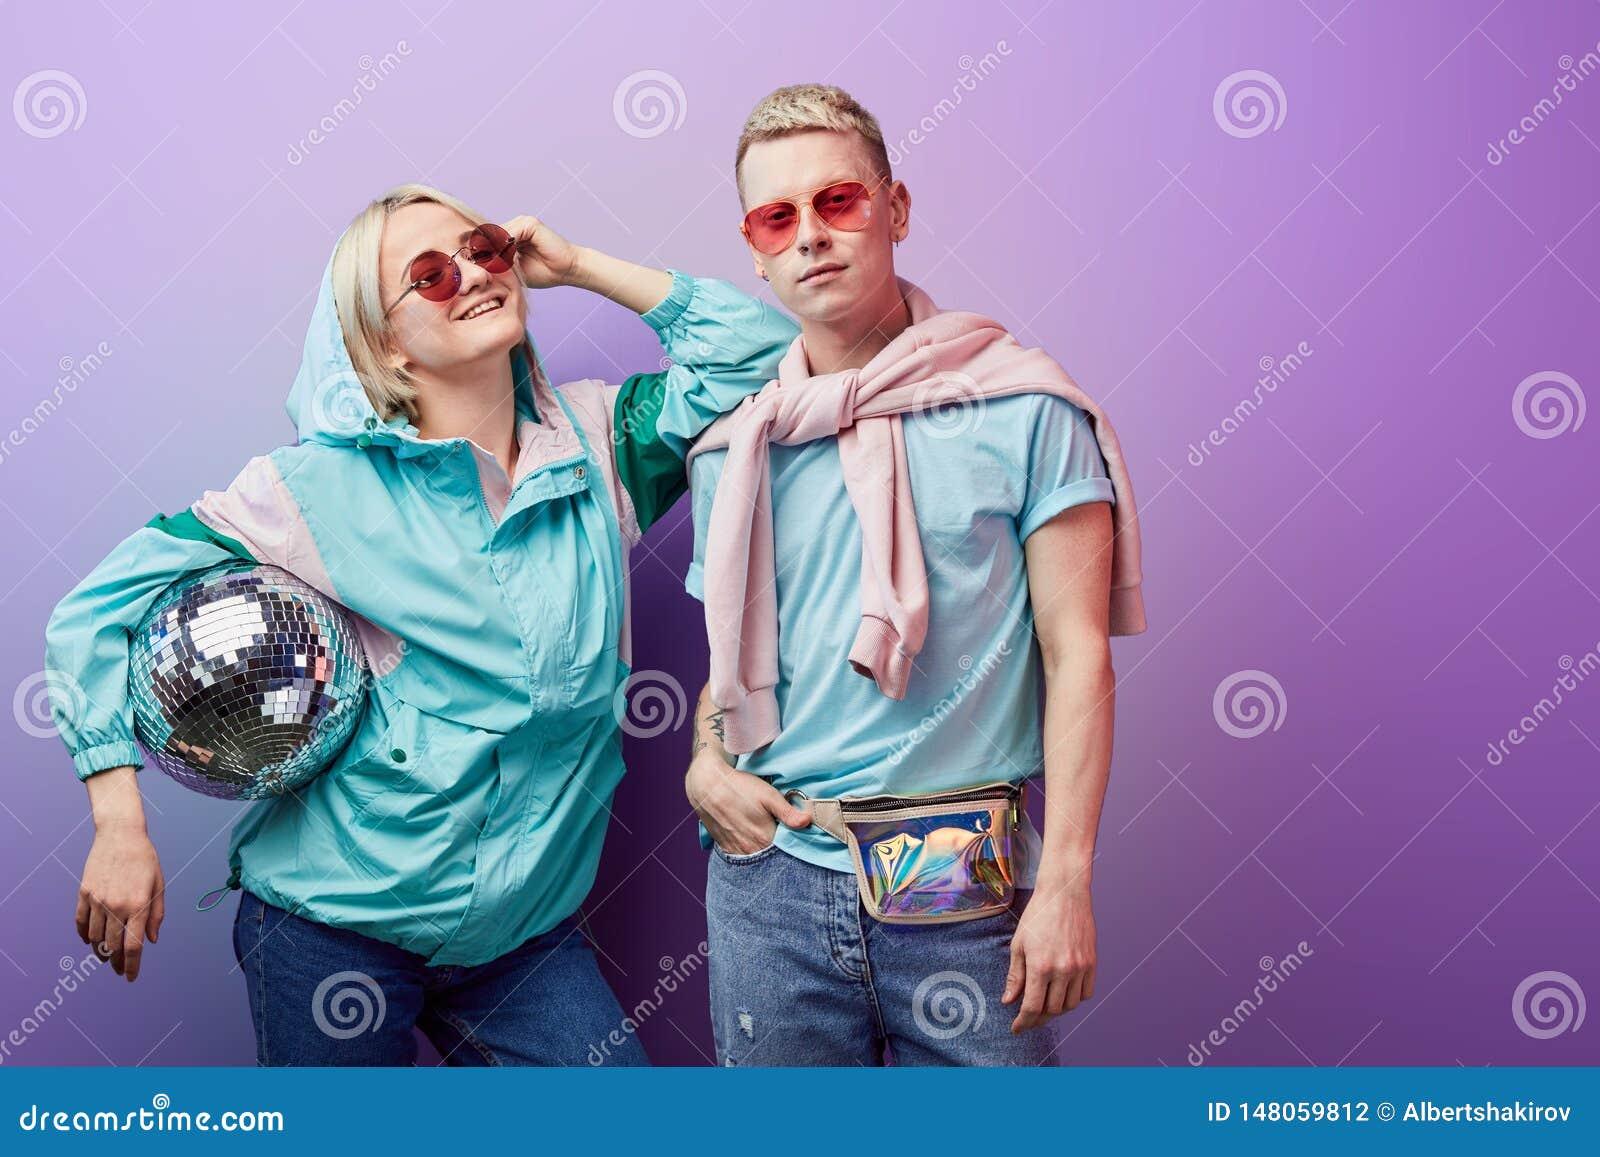 摆在与在紫罗兰色背景的迪斯科球的舞蹈家年轻时兴的夫妇